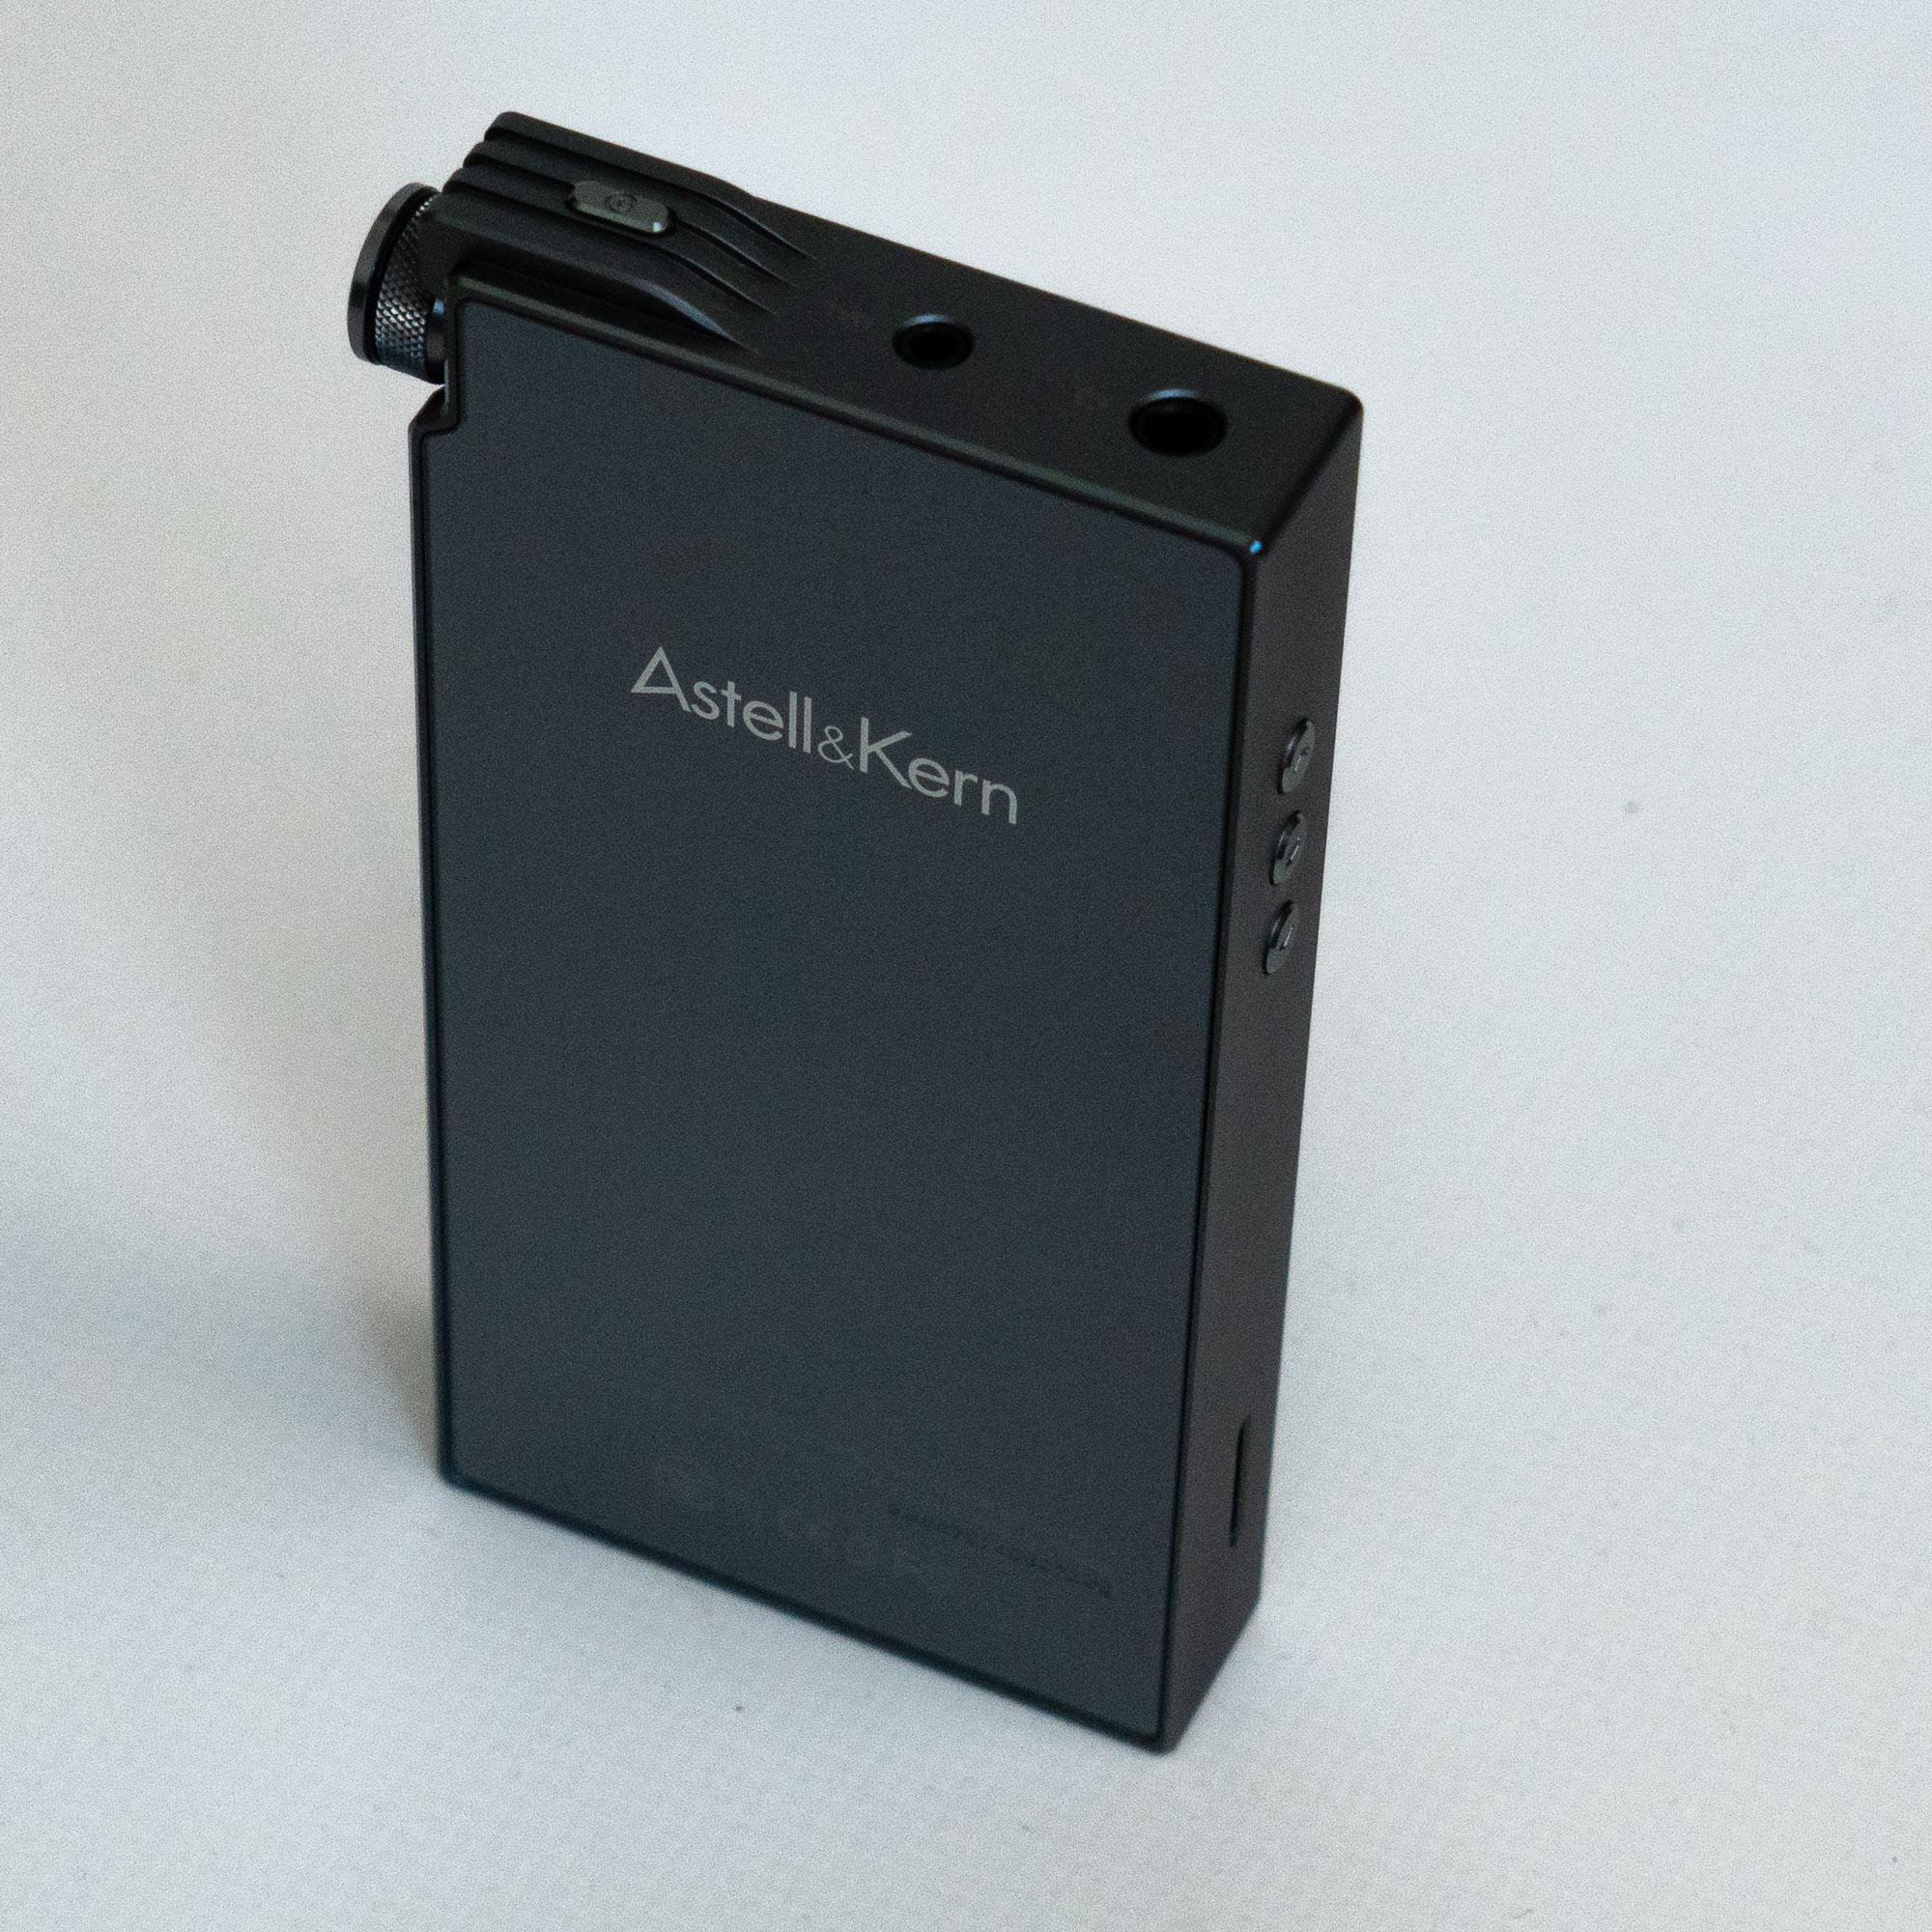 gebraucht kaufen Astell&Kern AK100 II